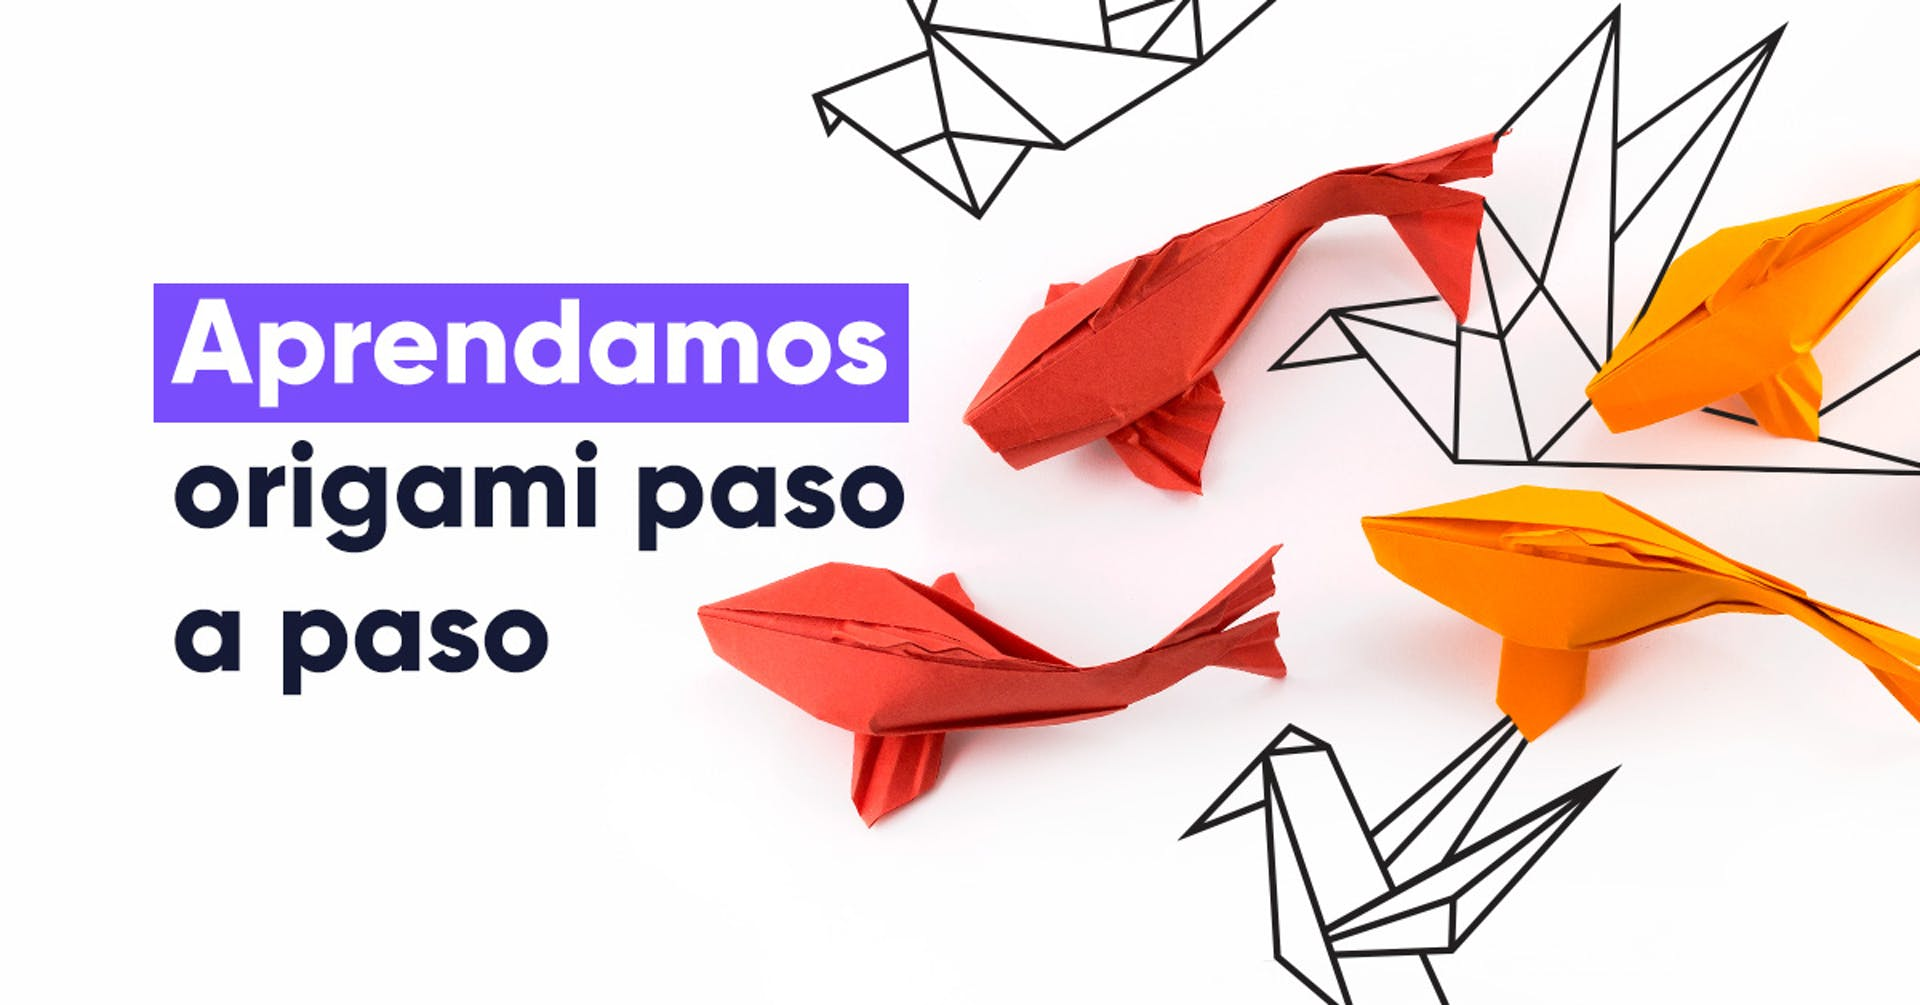 Origami paso a paso: ¿cómo hacer las figuras de papel que siempre imaginaste?